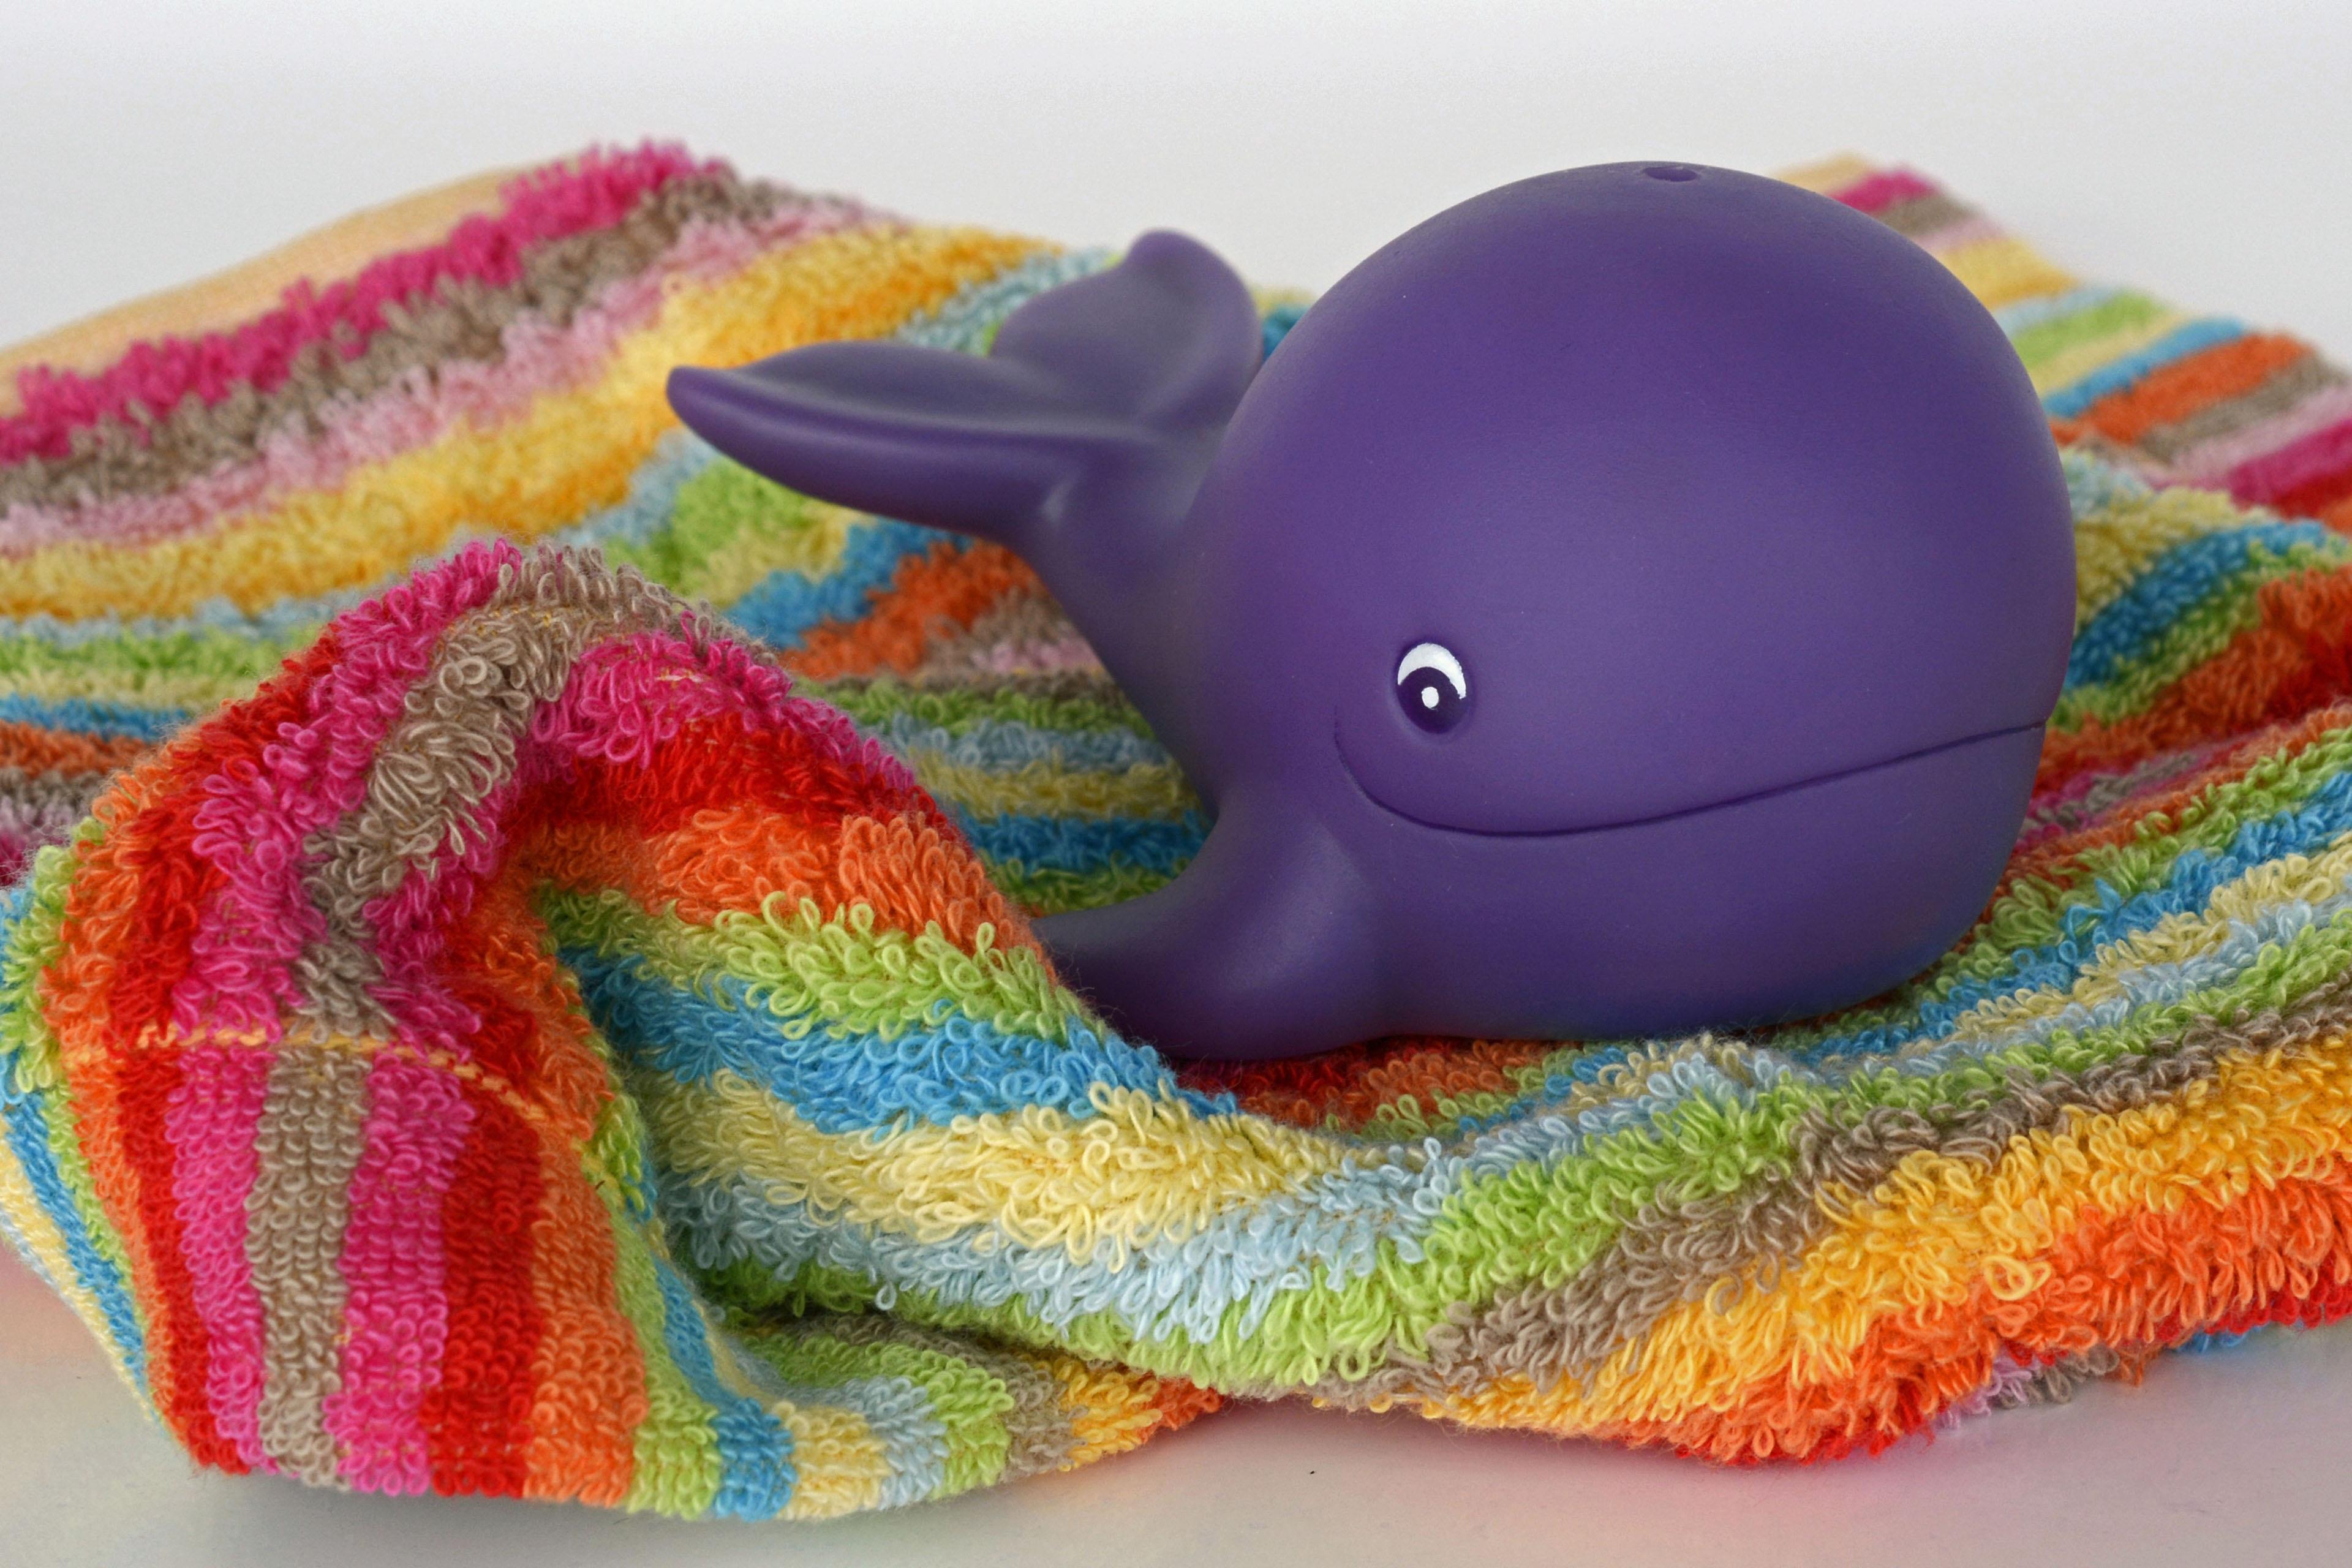 Kostenlose foto : spielen, nass, Tier, schwimmen, Farbe, Kind, bunt ...